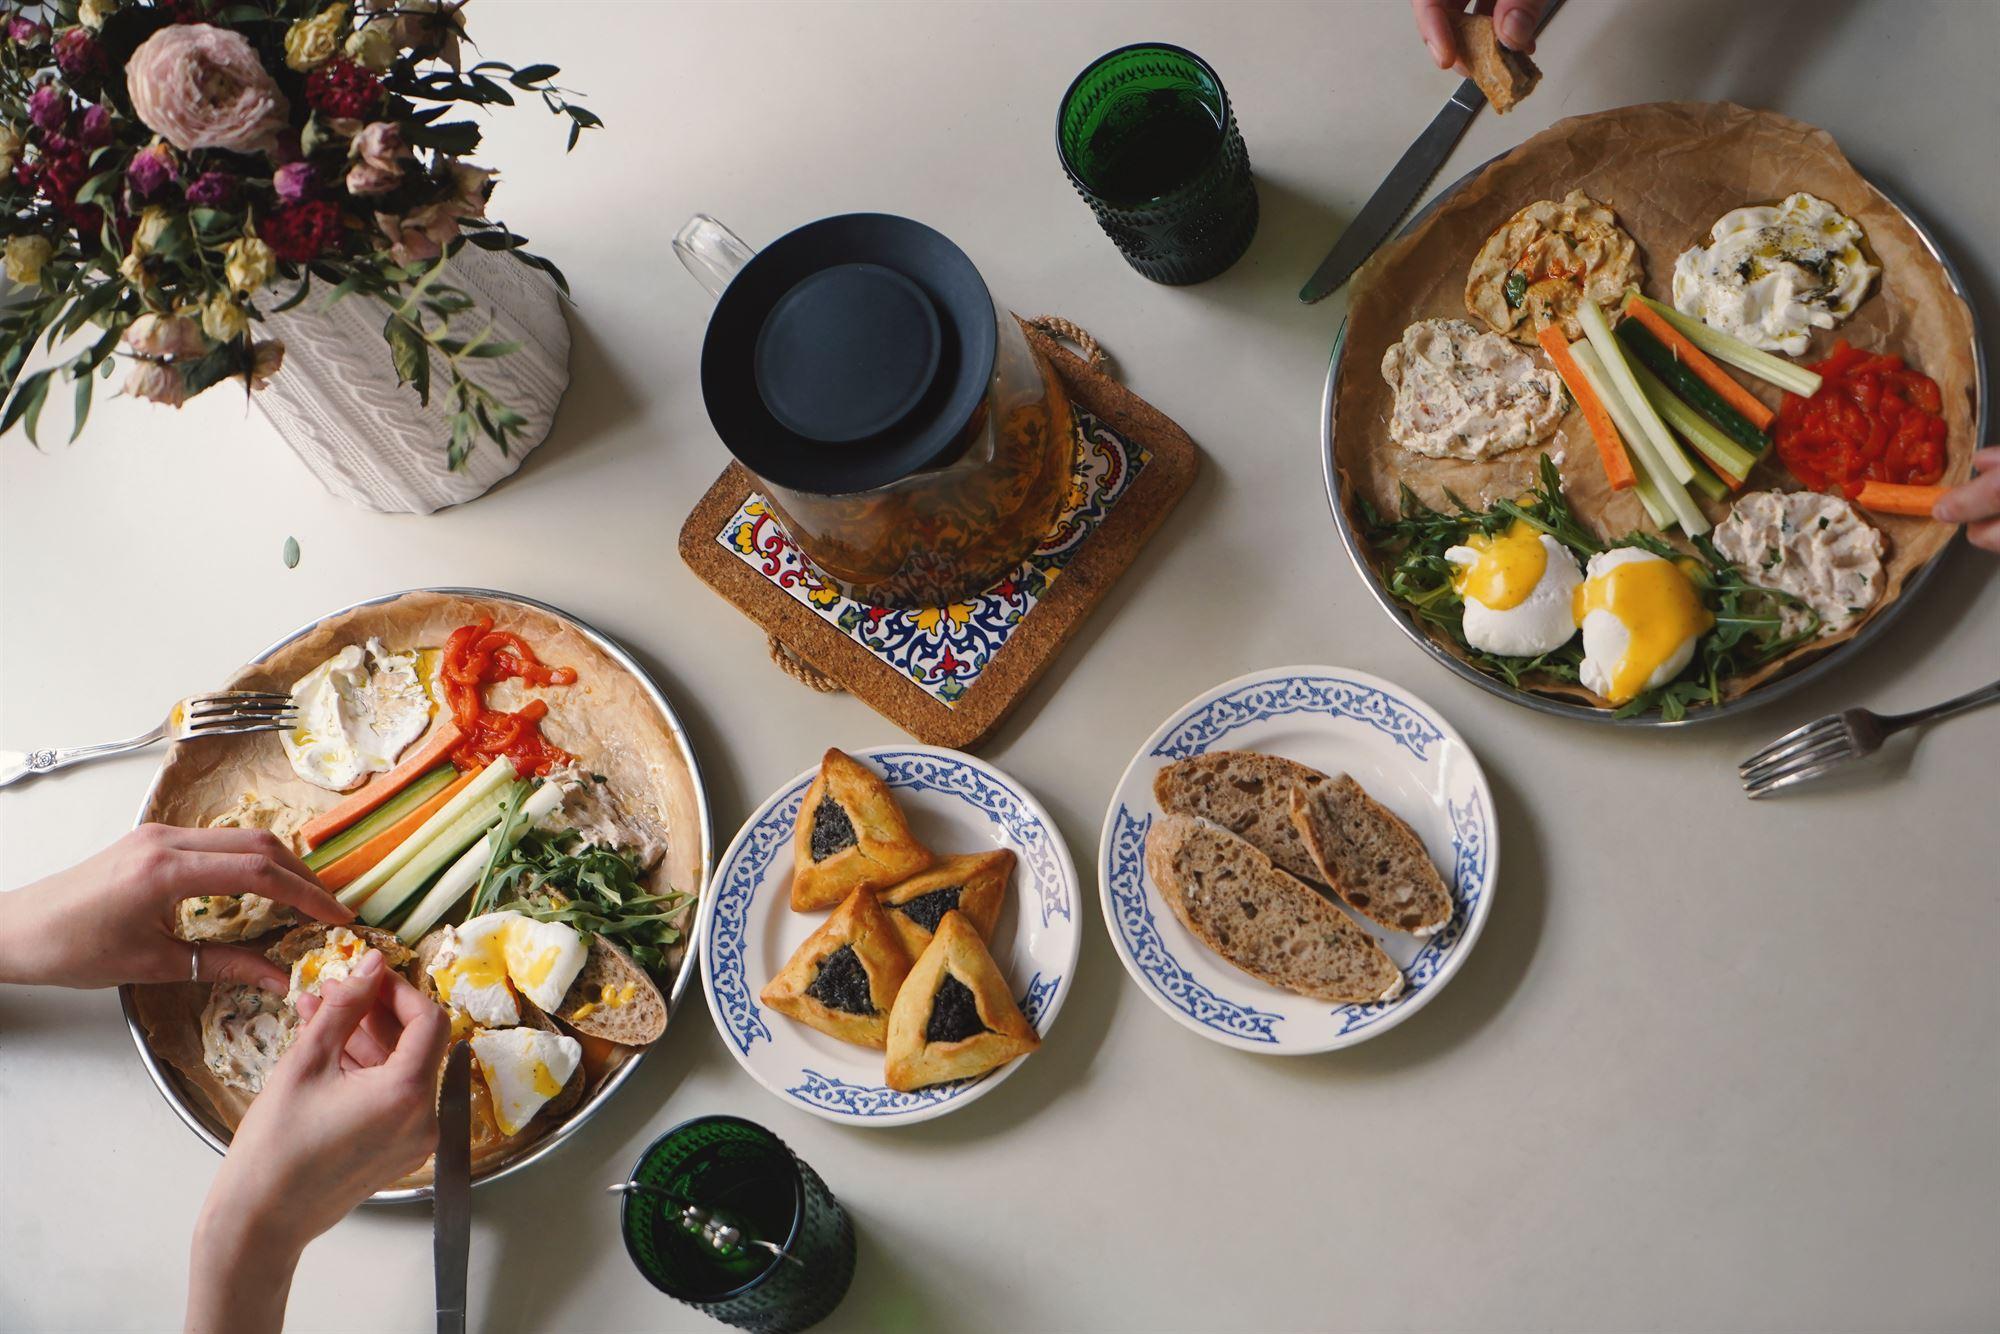 Израильские завтраки: придумано и приготовлено Бекицером с использованием продуктов буше